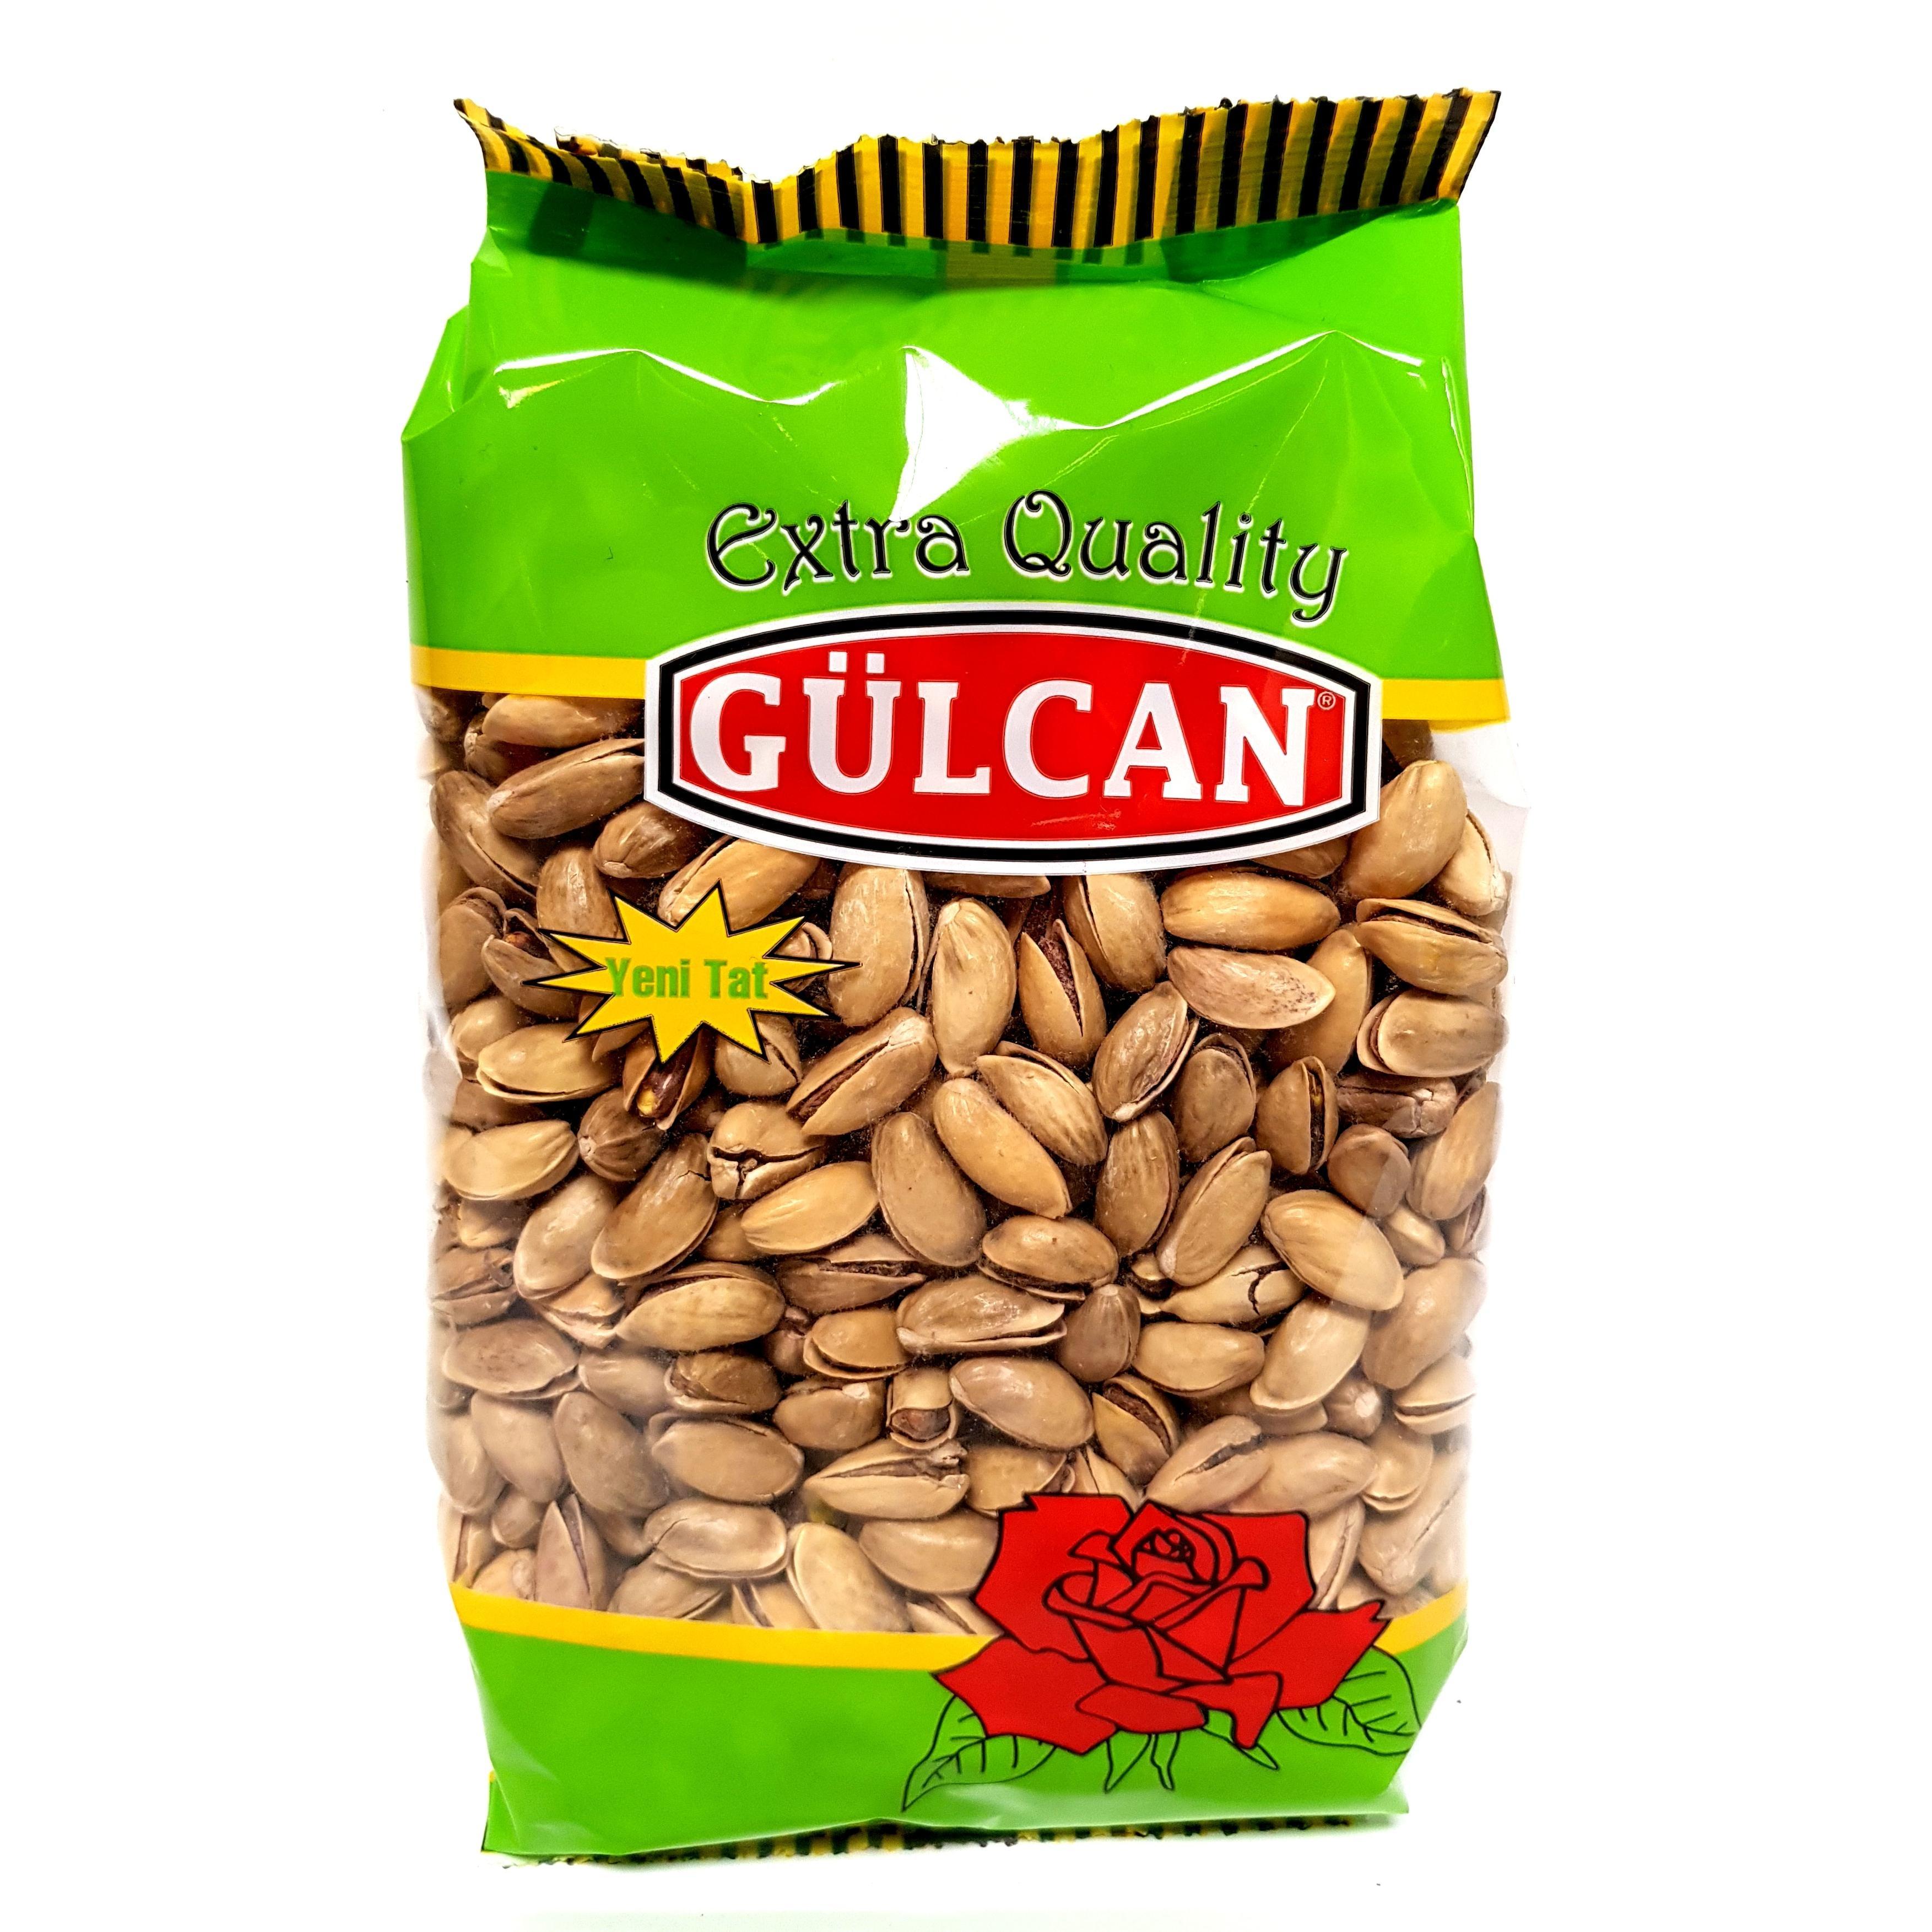 Gülcan Pistazien geröstet und gesalzen ungeschält 700g